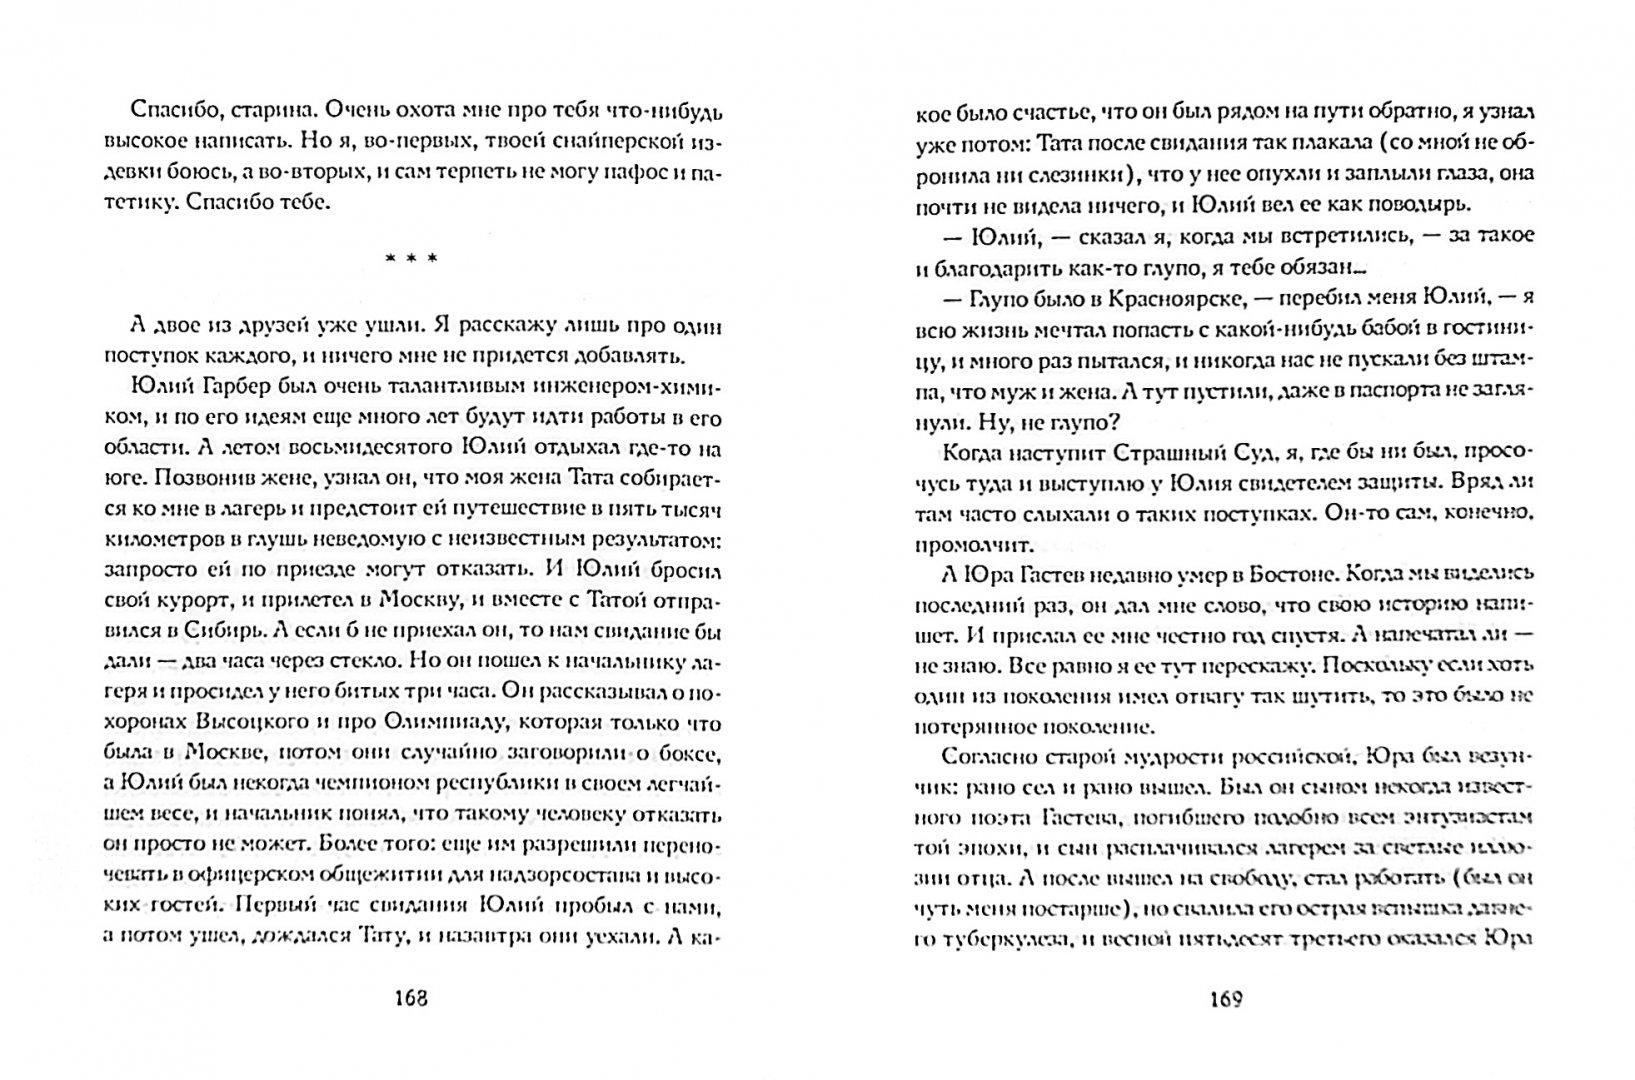 Иллюстрация 1 из 30 для Собрание сочинений в 4-х т. Пожилые записки. Вечерний звон. Книга странствий. Прогулки вокруг барака - Игорь Губерман   Лабиринт - книги. Источник: Лабиринт